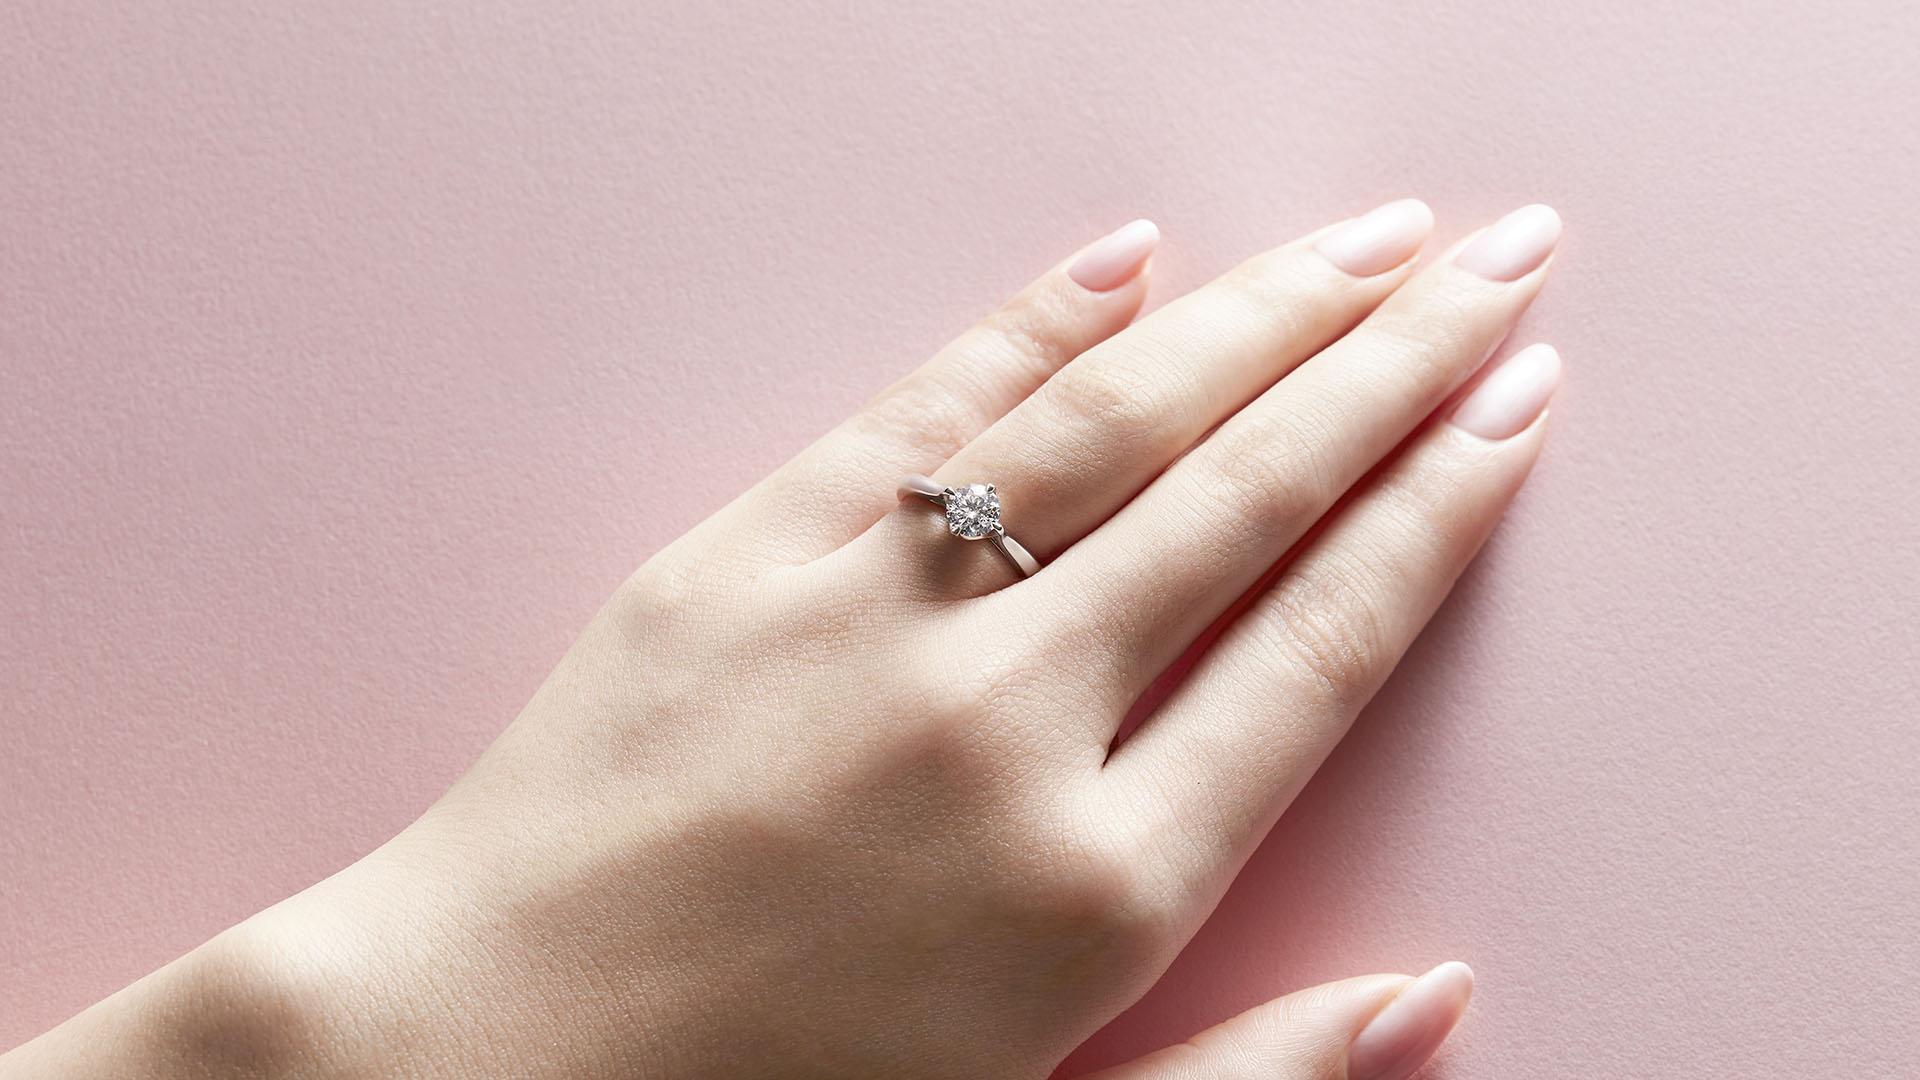 antiare アンティアーレ | 婚約指輪サムネイル 4